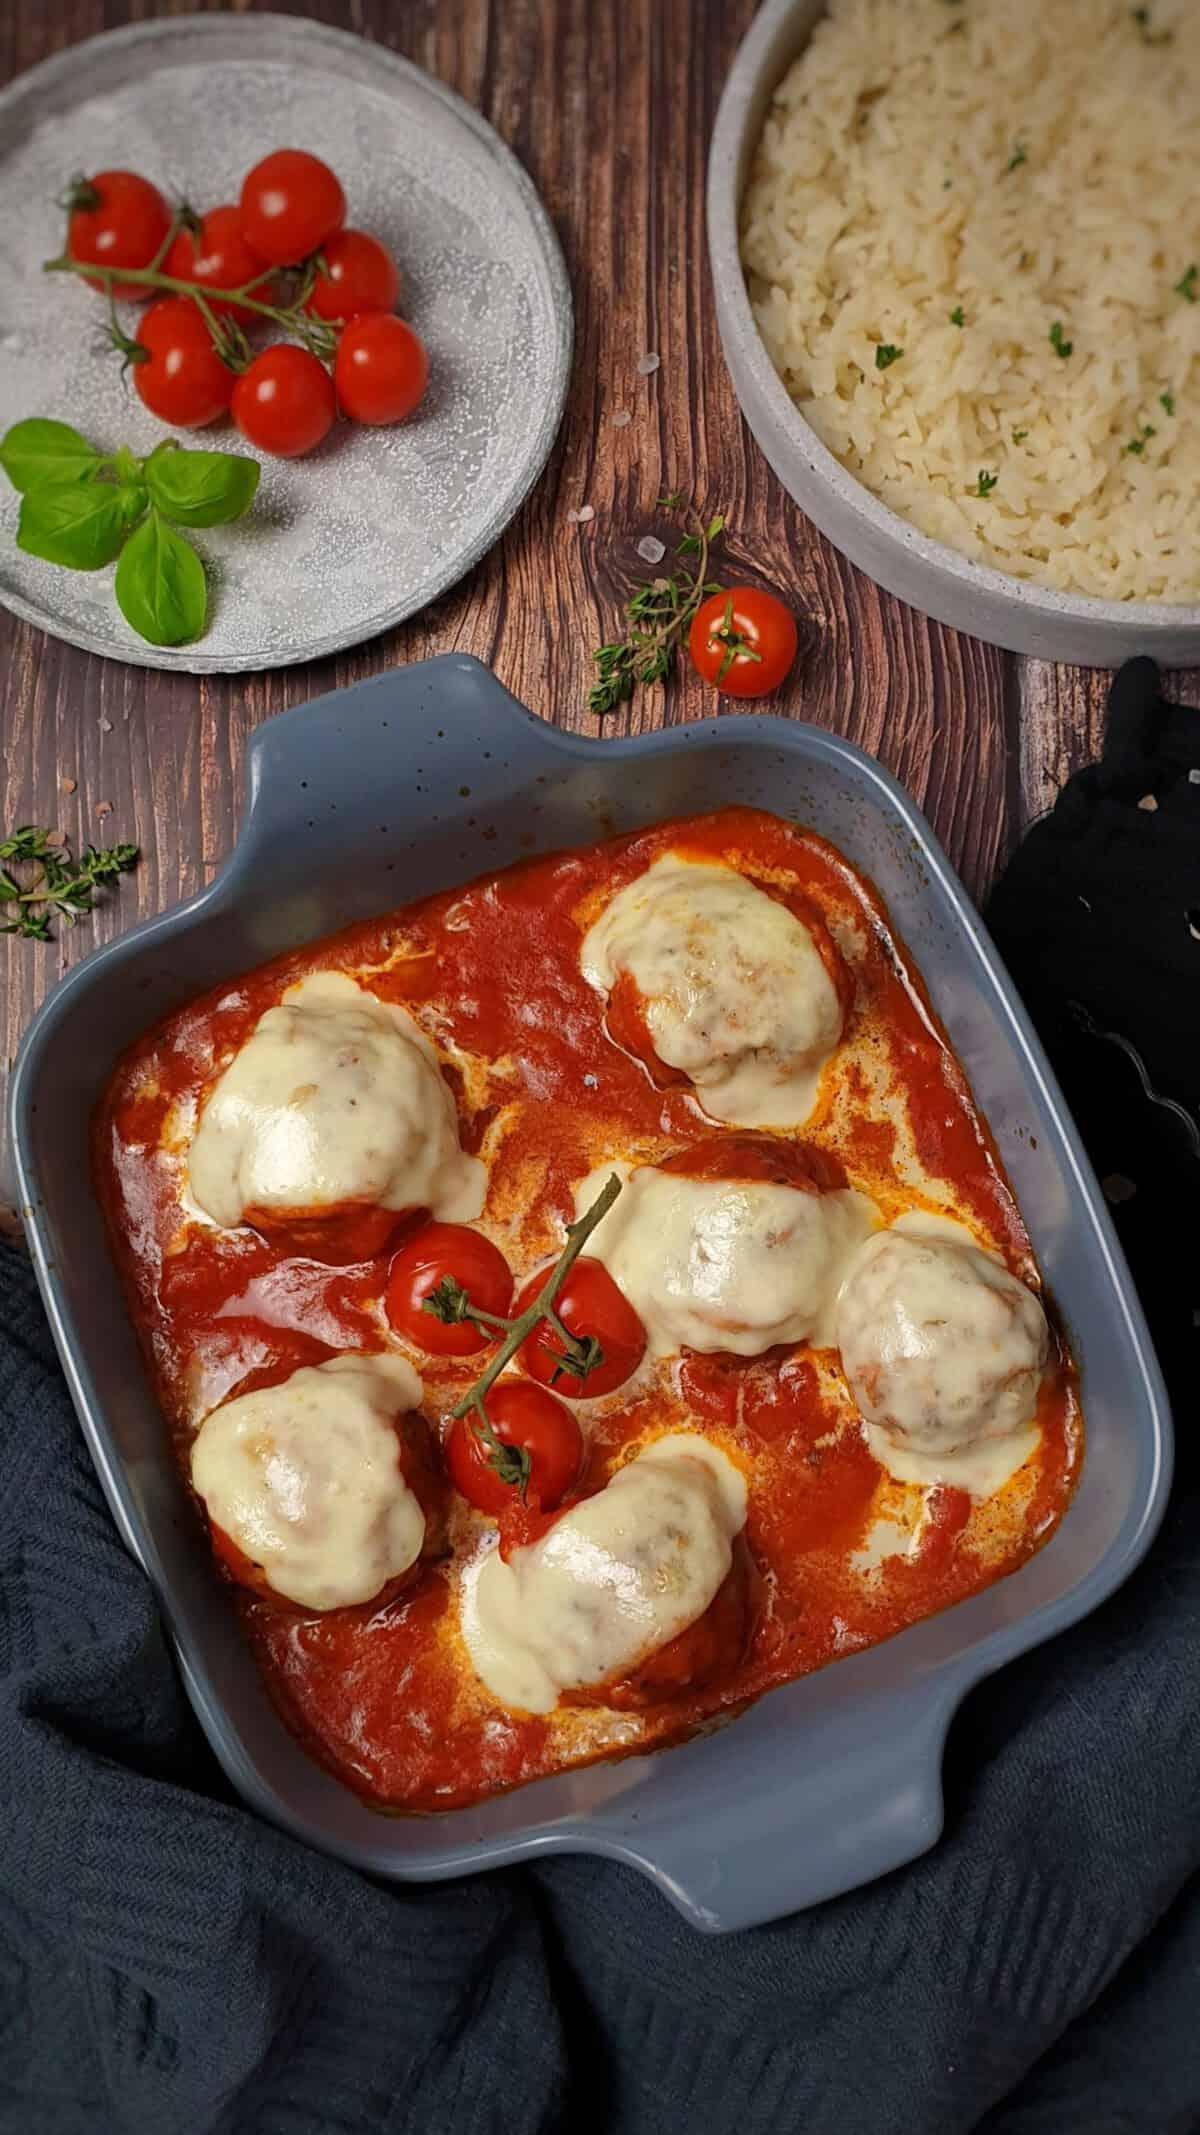 Hackbällchen mit Mozzarella überbacken aus dem Backofen in Tomaten-Soße.